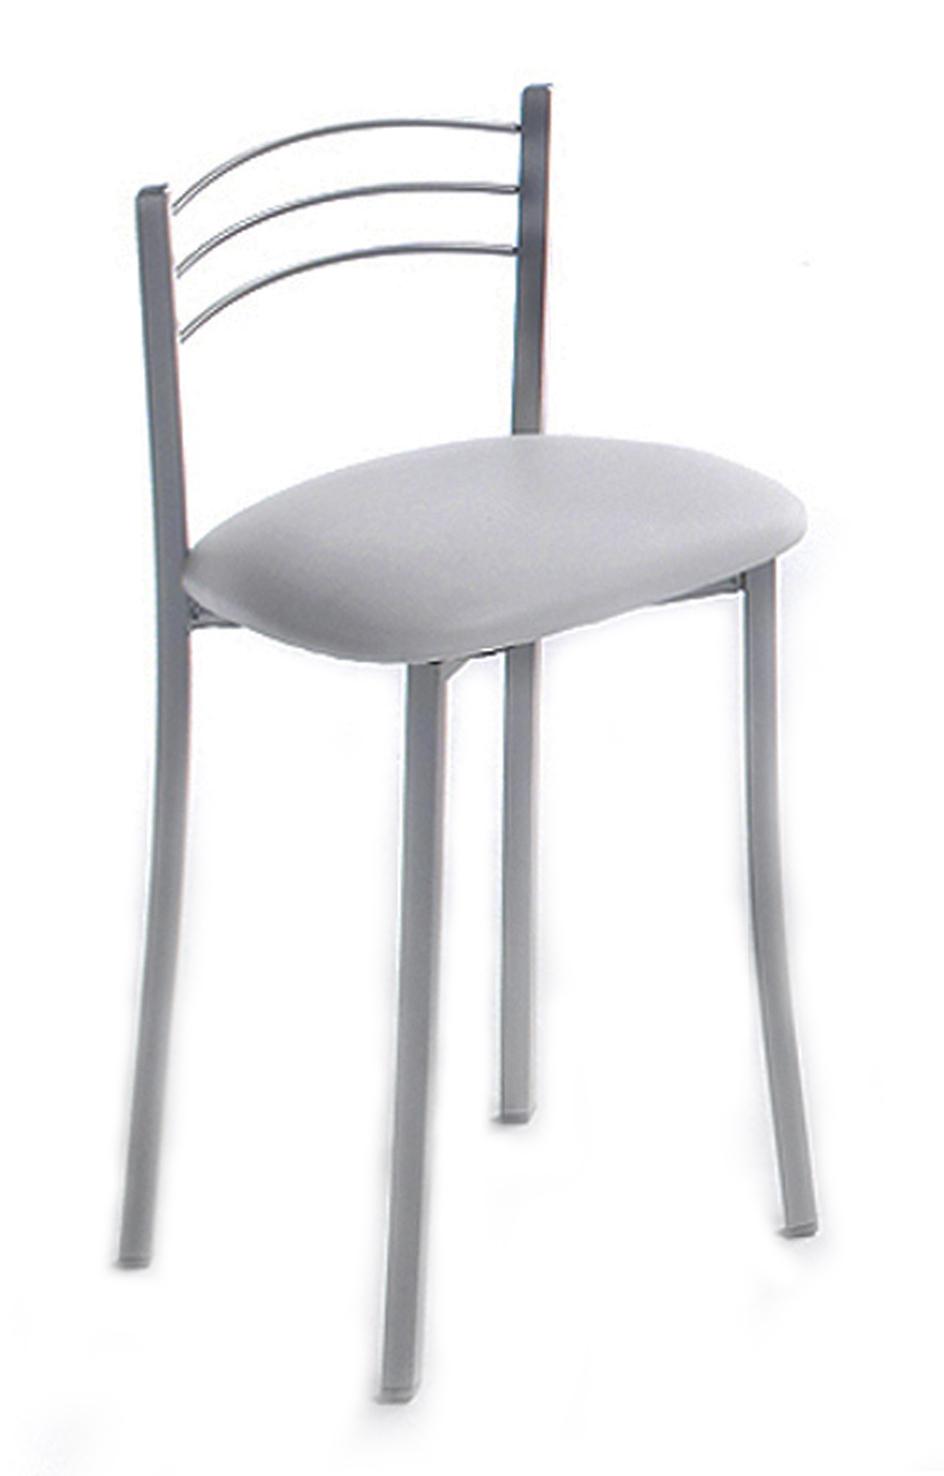 Taburete b260 decora descans complementos mueble hogar - Taburete cocina blanco ...